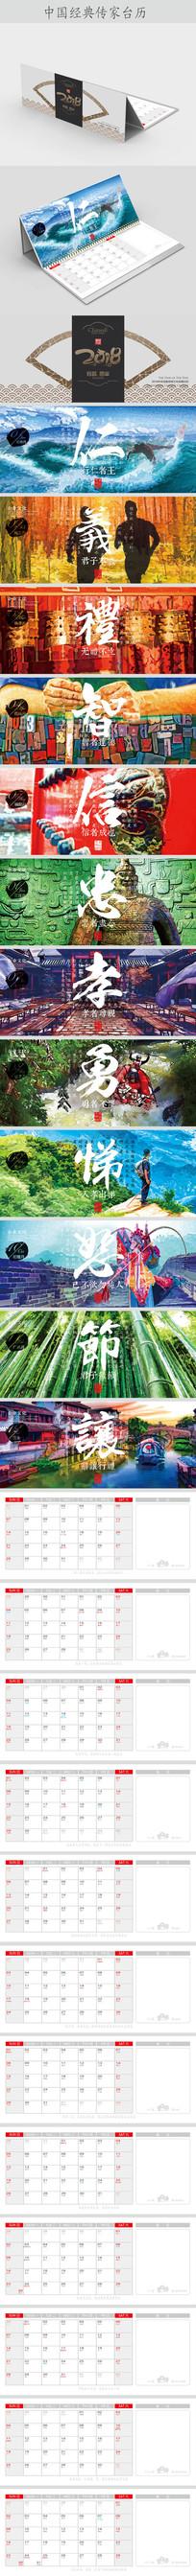 2018水彩古典文化台历